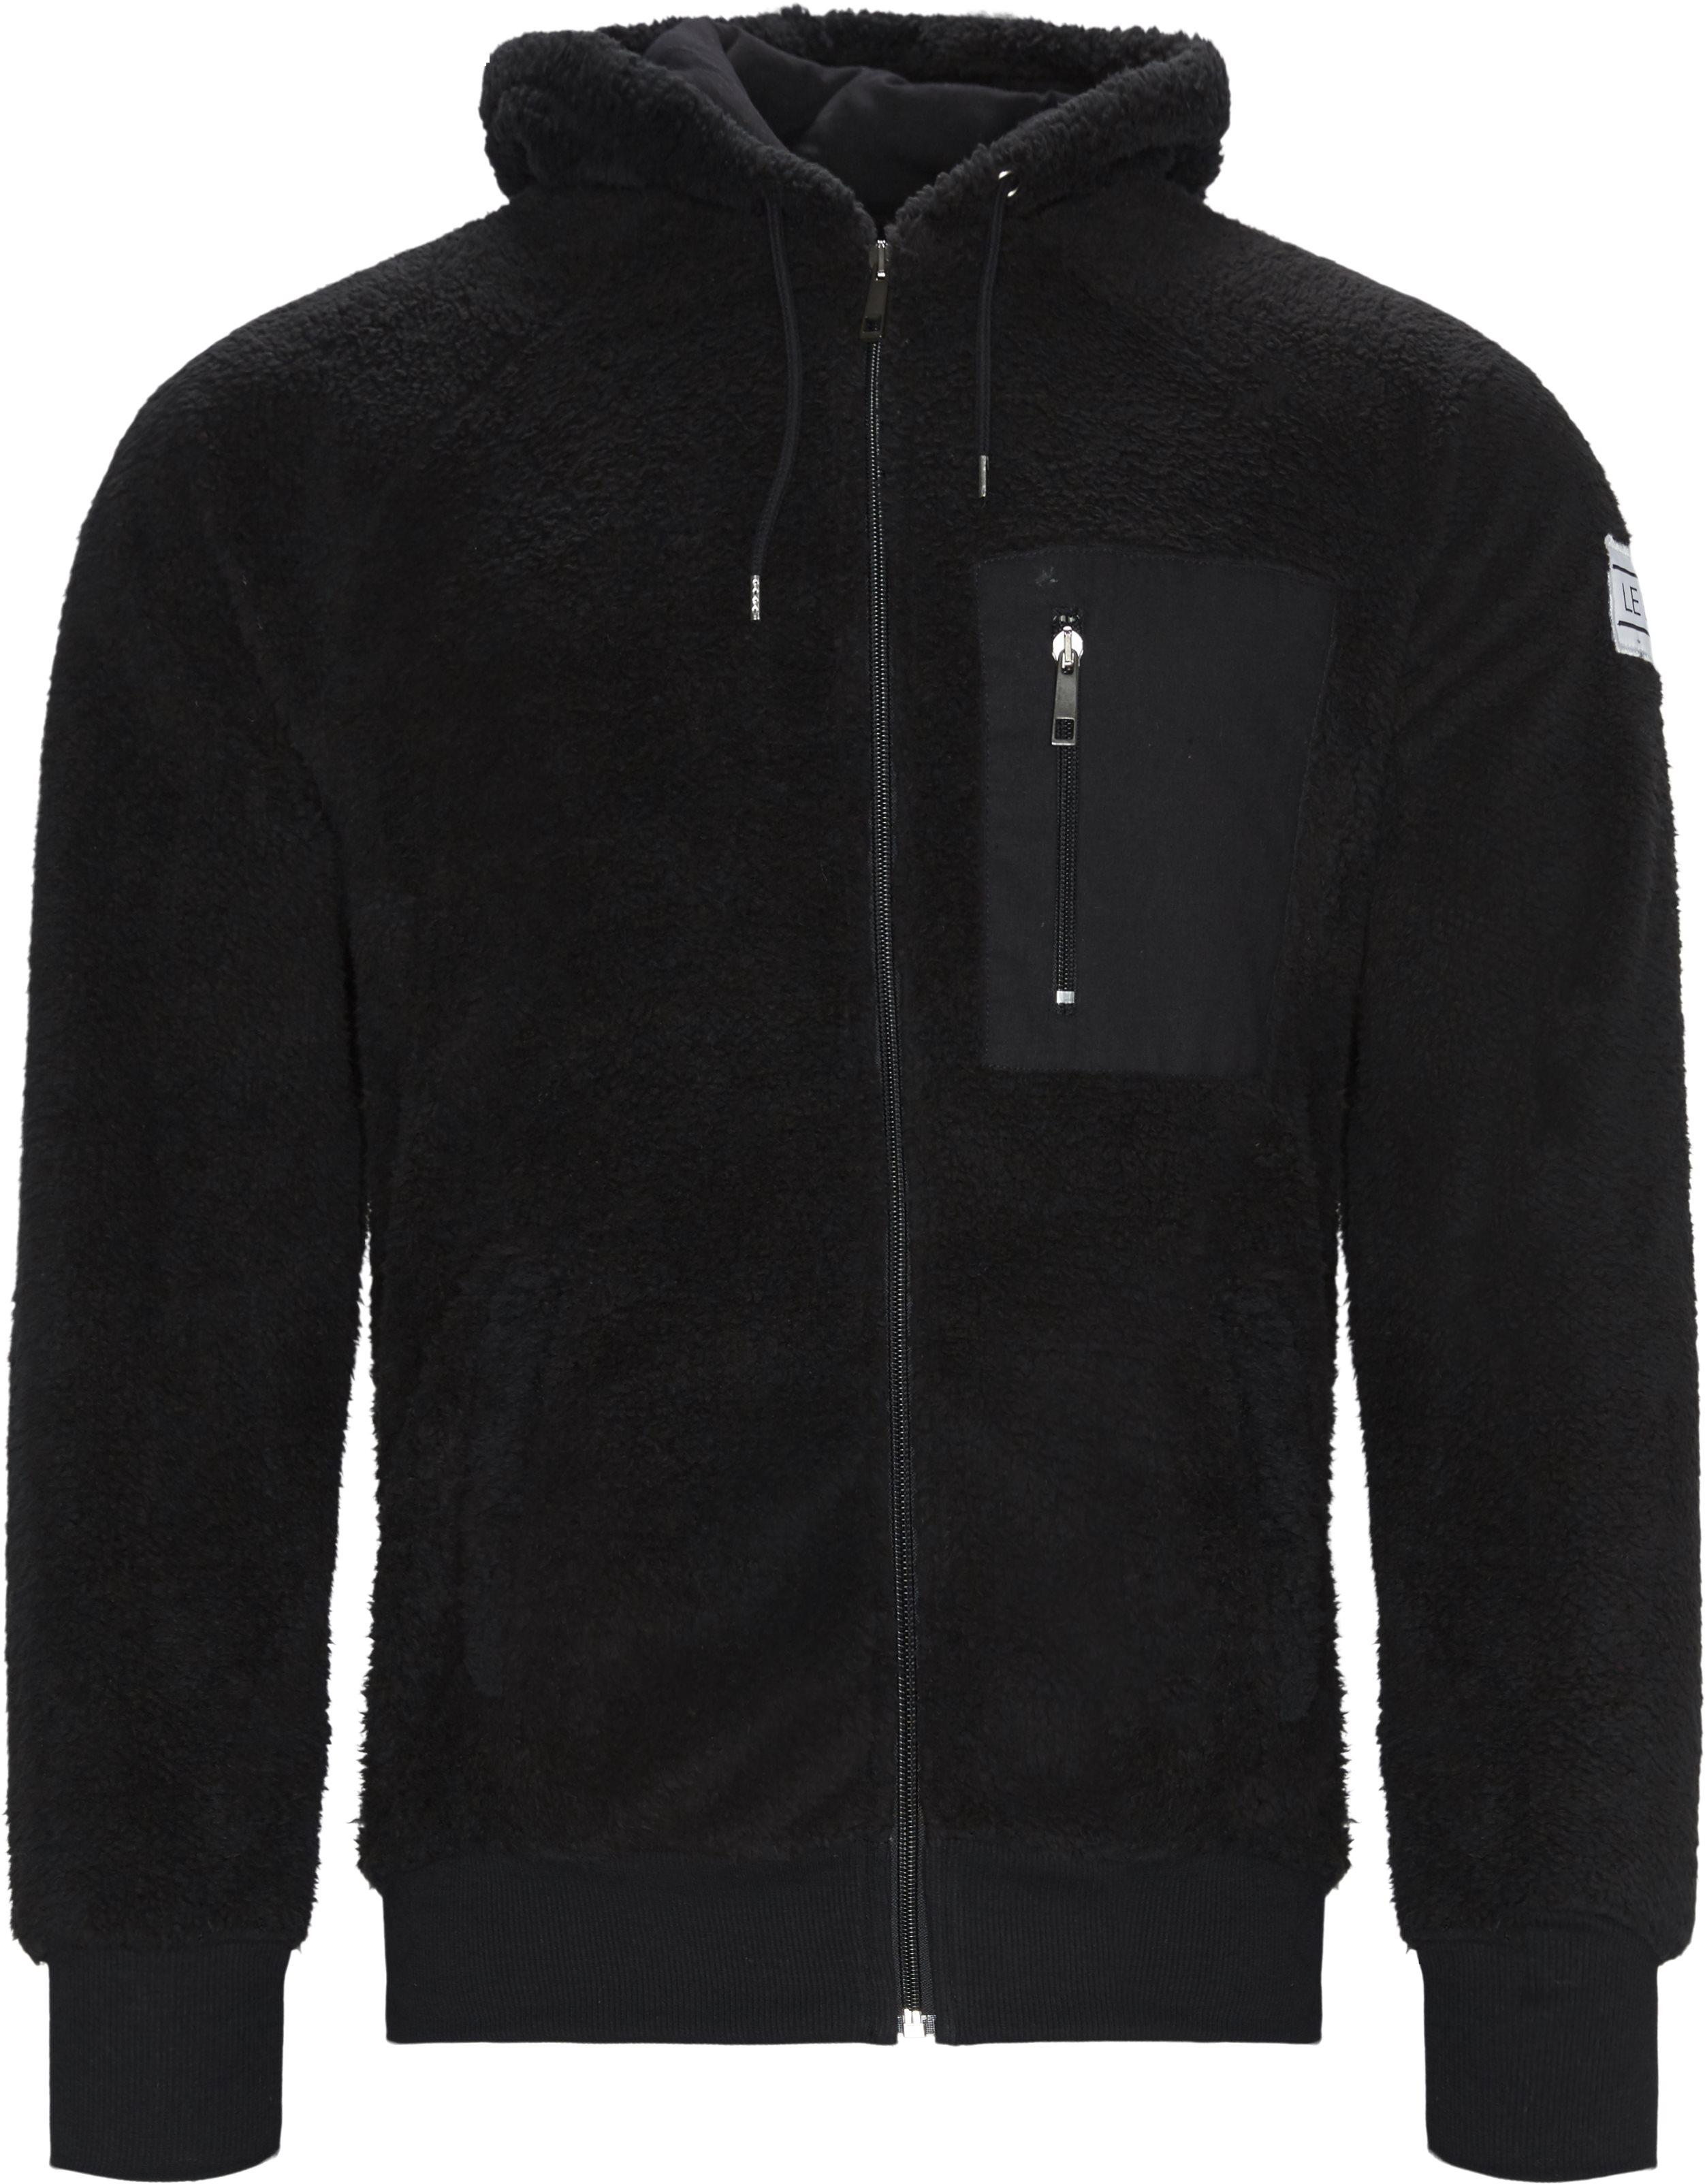 Coucy Zip Sweatshirt - Sweatshirts - Regular fit - Sort